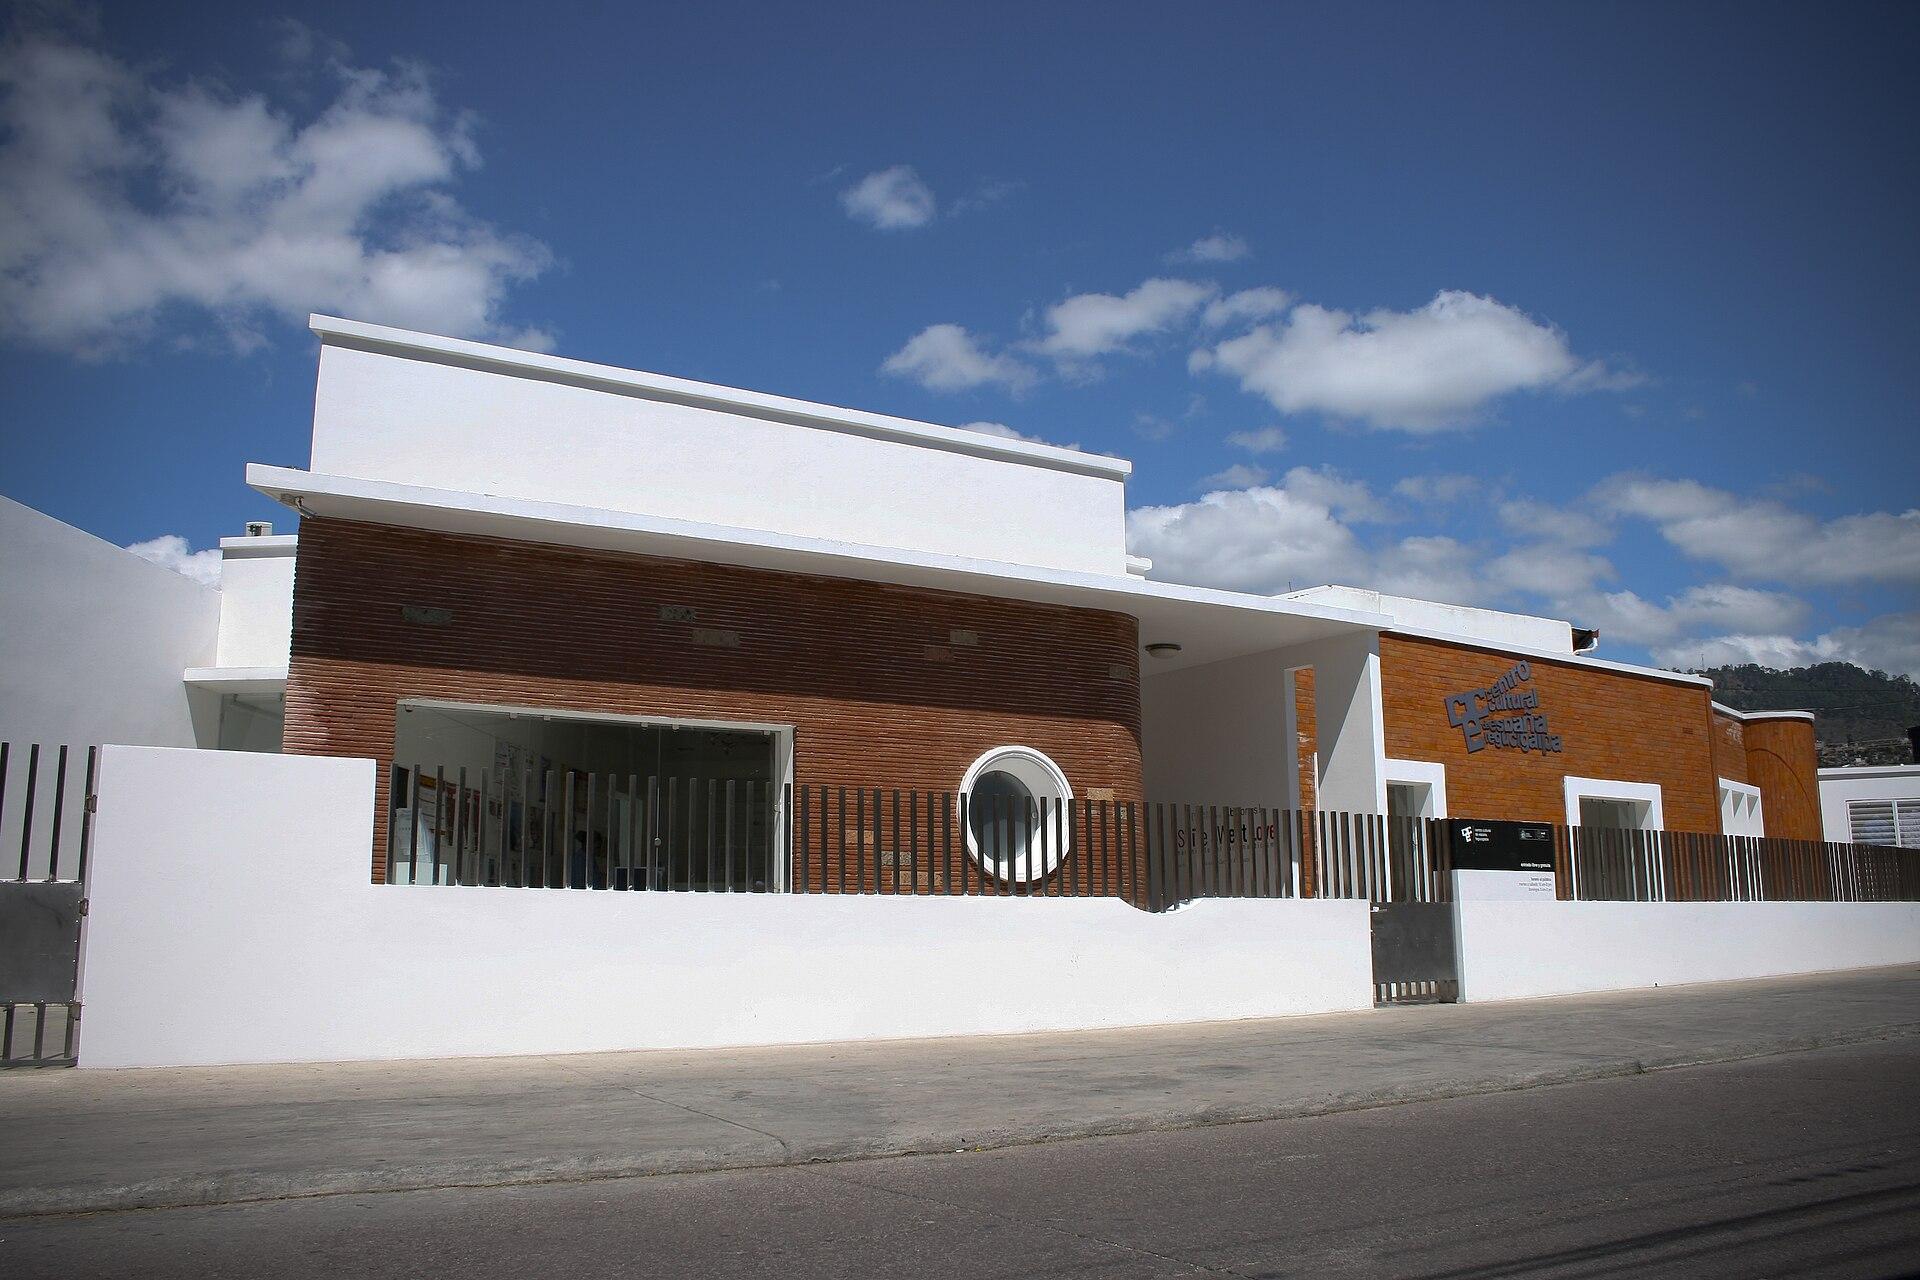 Centro cultural de espa a en tegucigalpa wikipedia la enciclopedia libre - Casa en sabadell centro ...